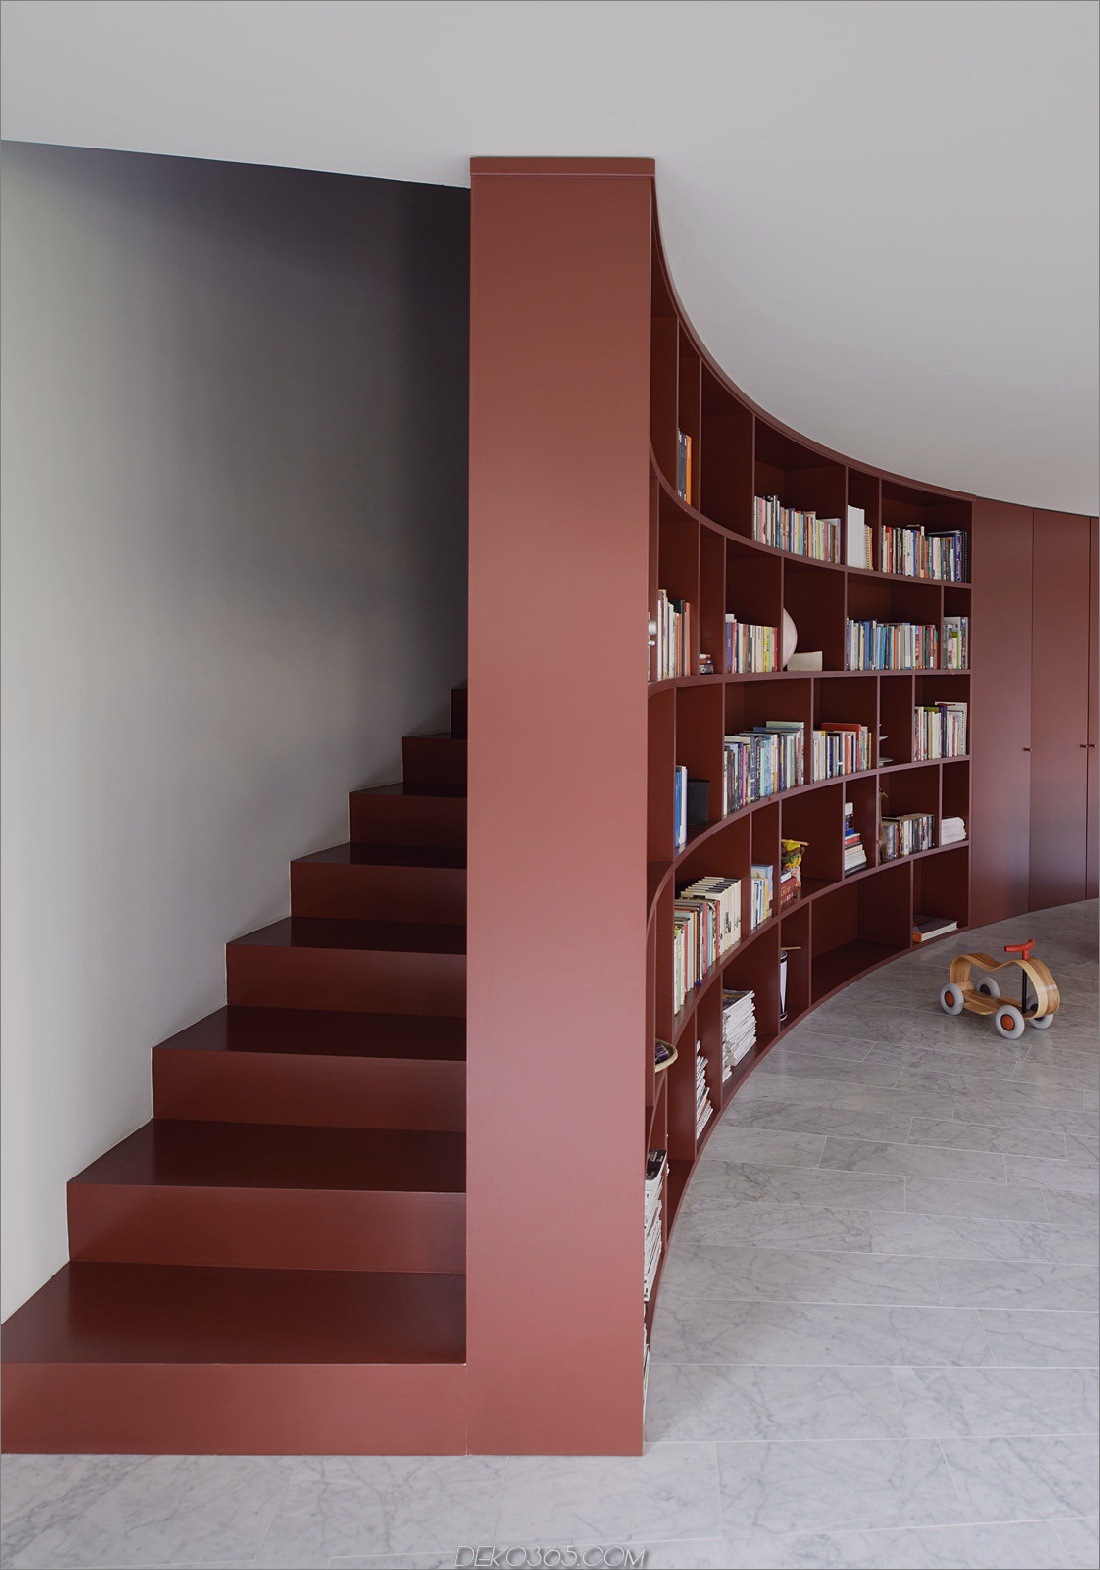 Verdeckter Treppenhaus-Bücherregaleingang